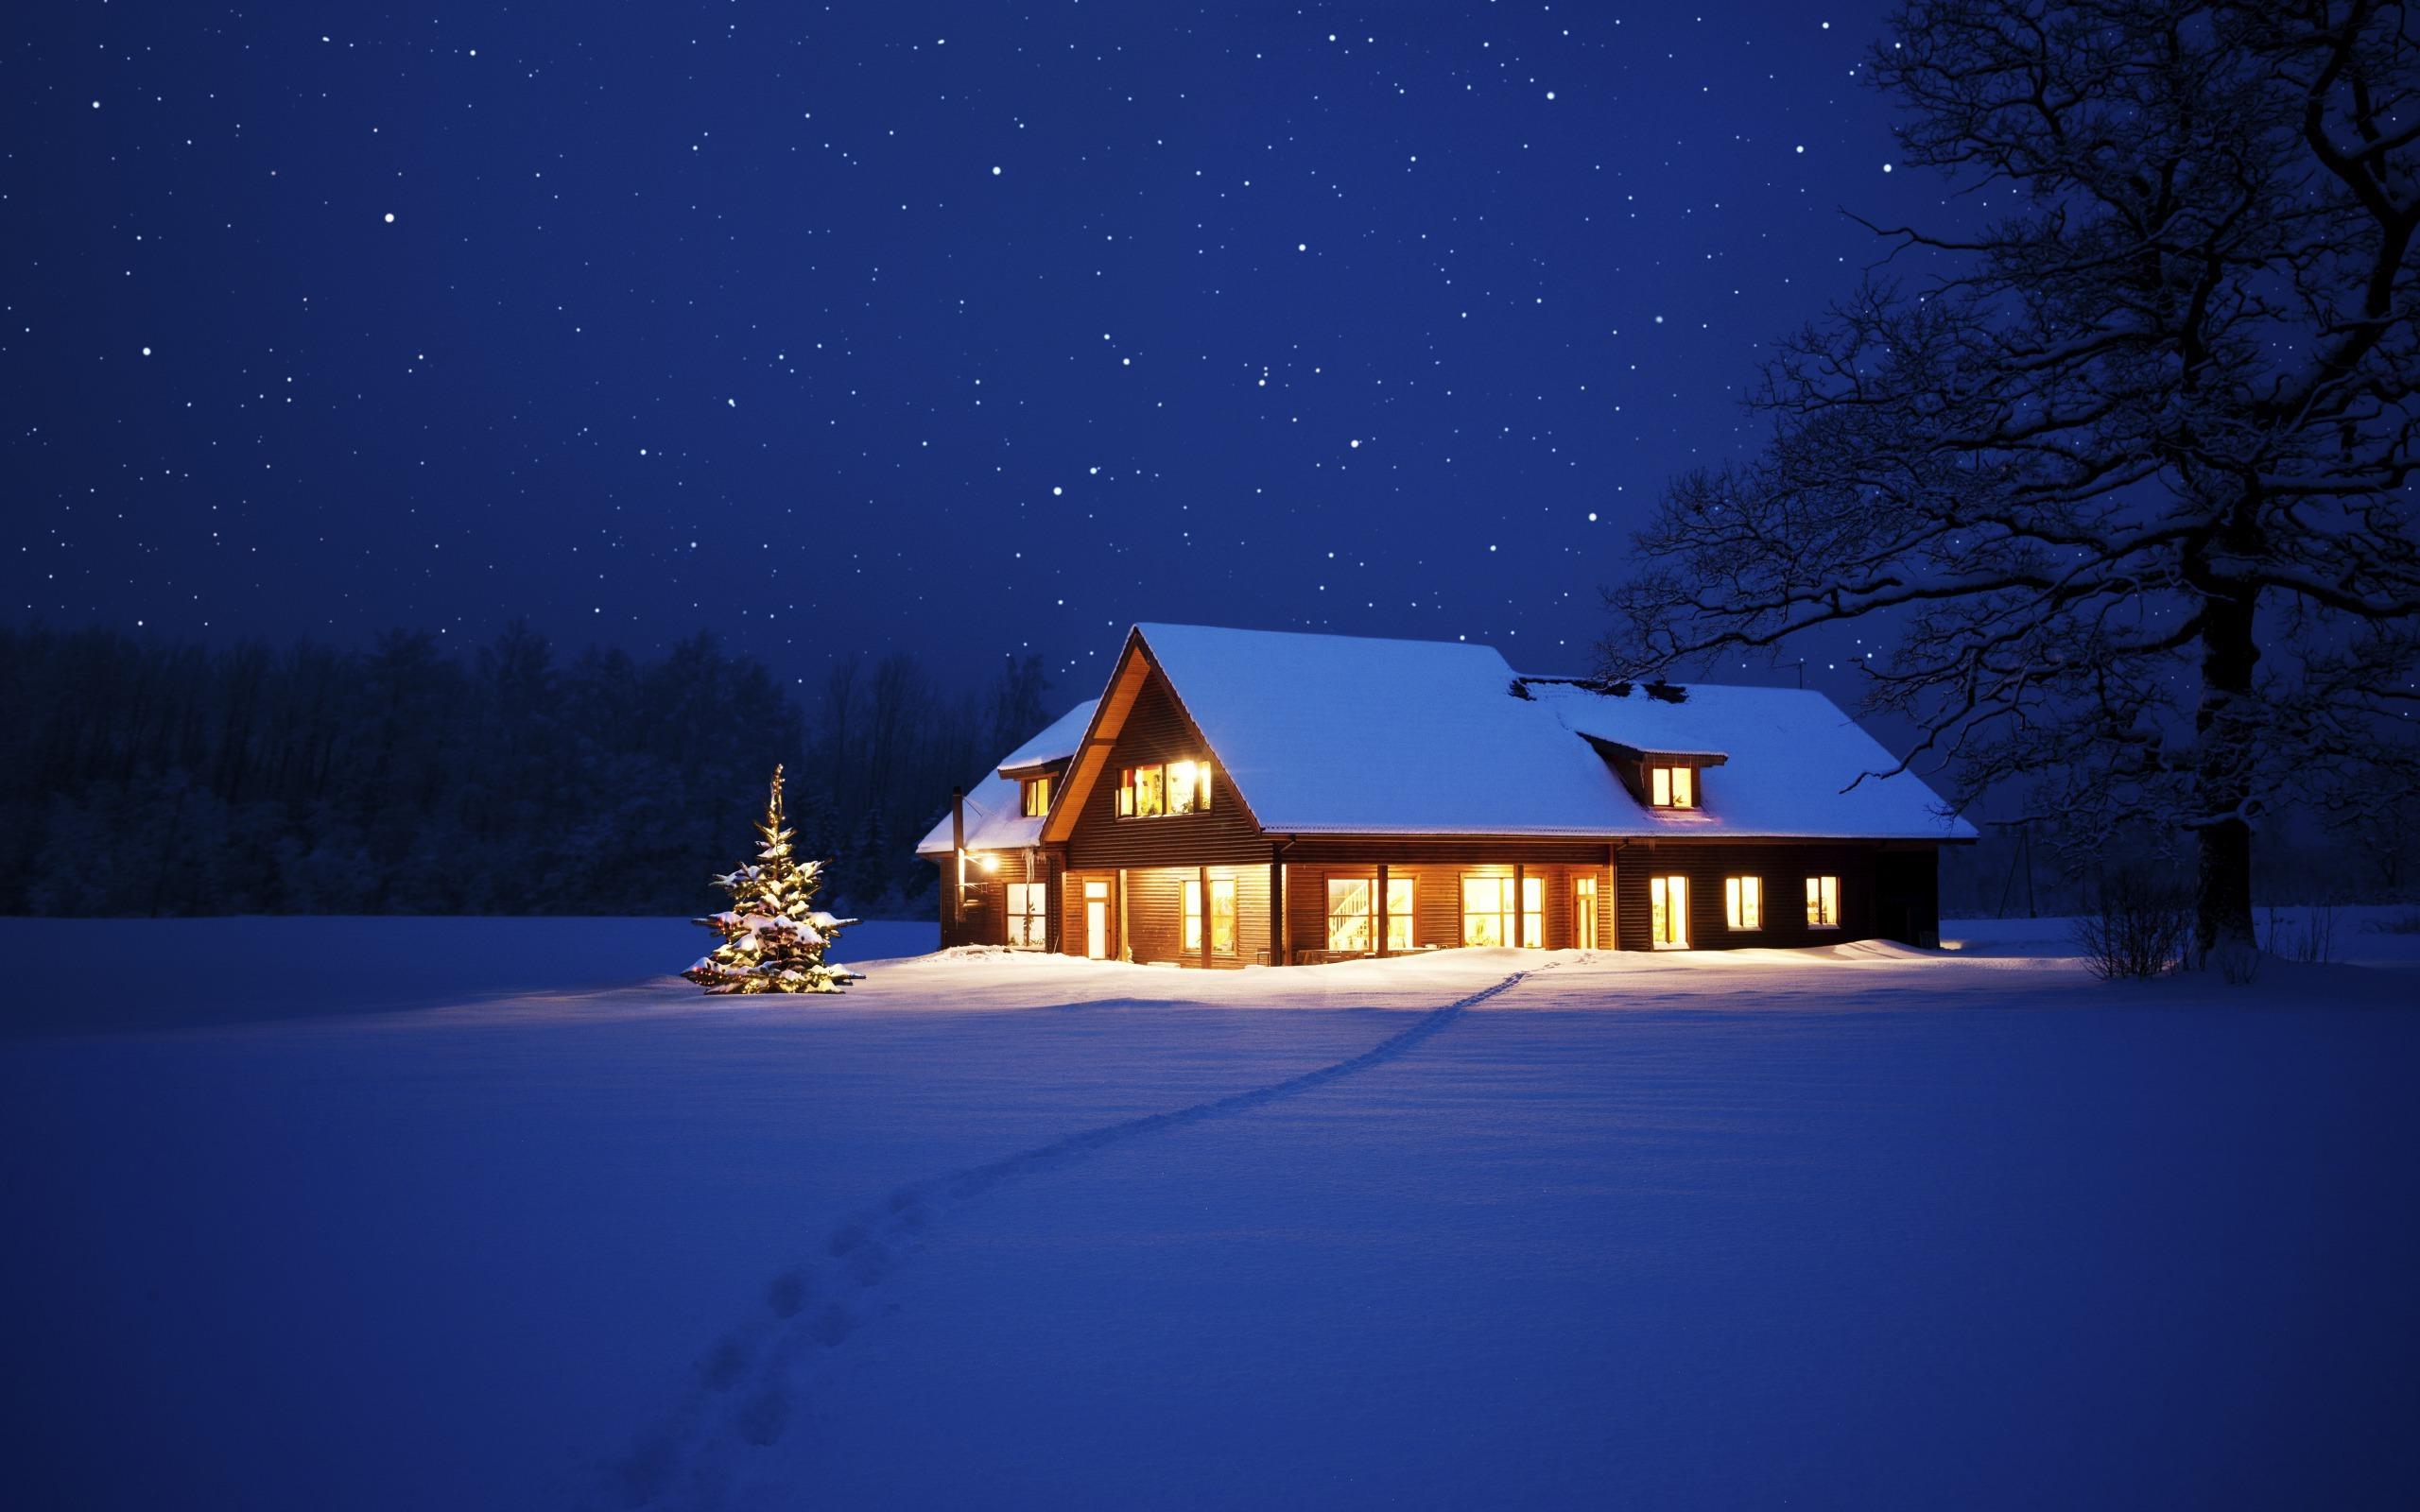 картинка снежные домики стала